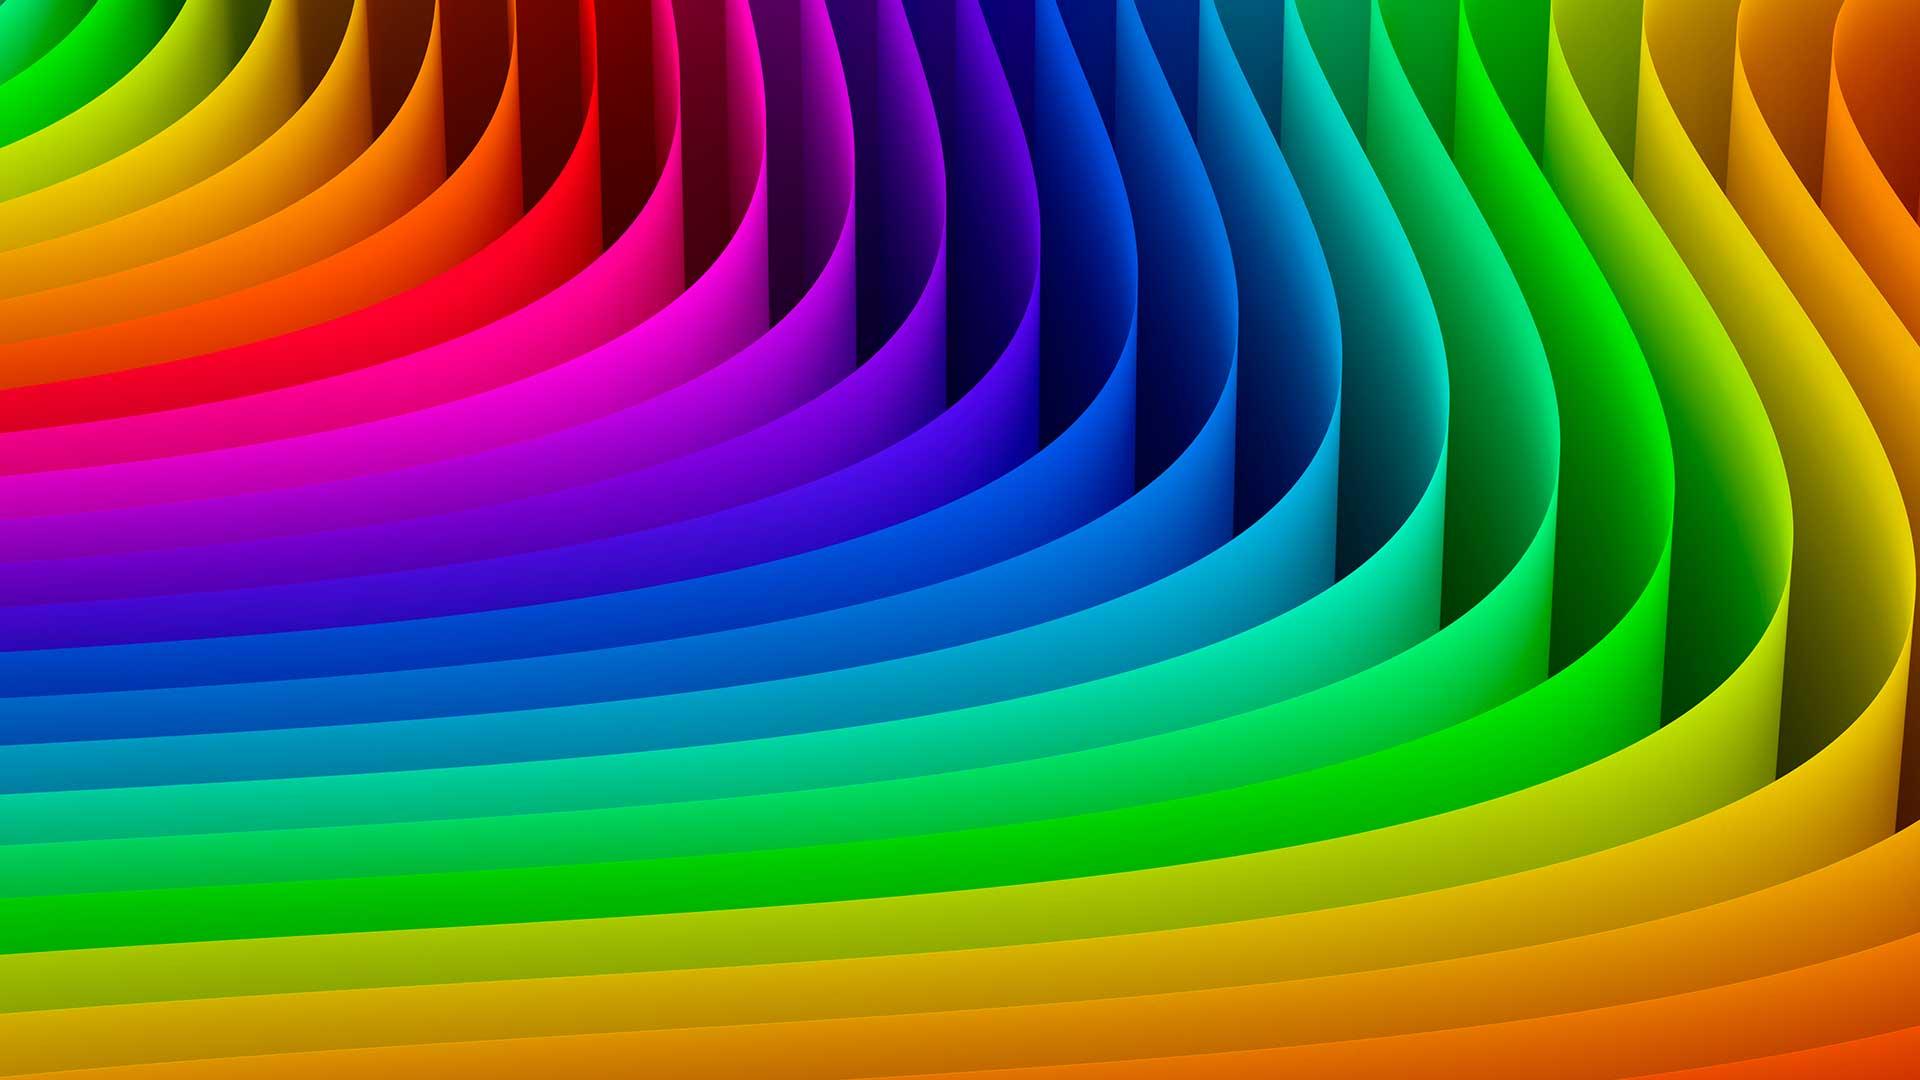 Todo lo que deber as saber sobre el color parte 1 waarket - Simulador de colores de pared ...